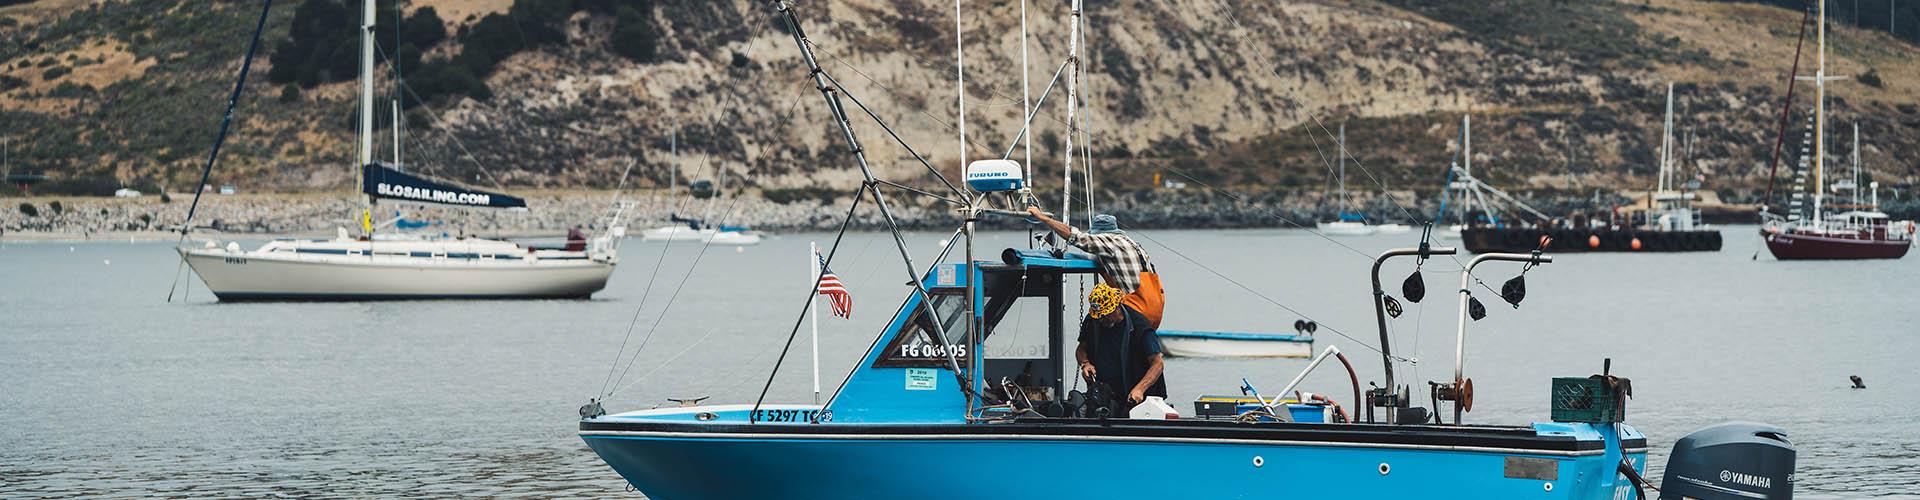 AIS船舶追蹤器